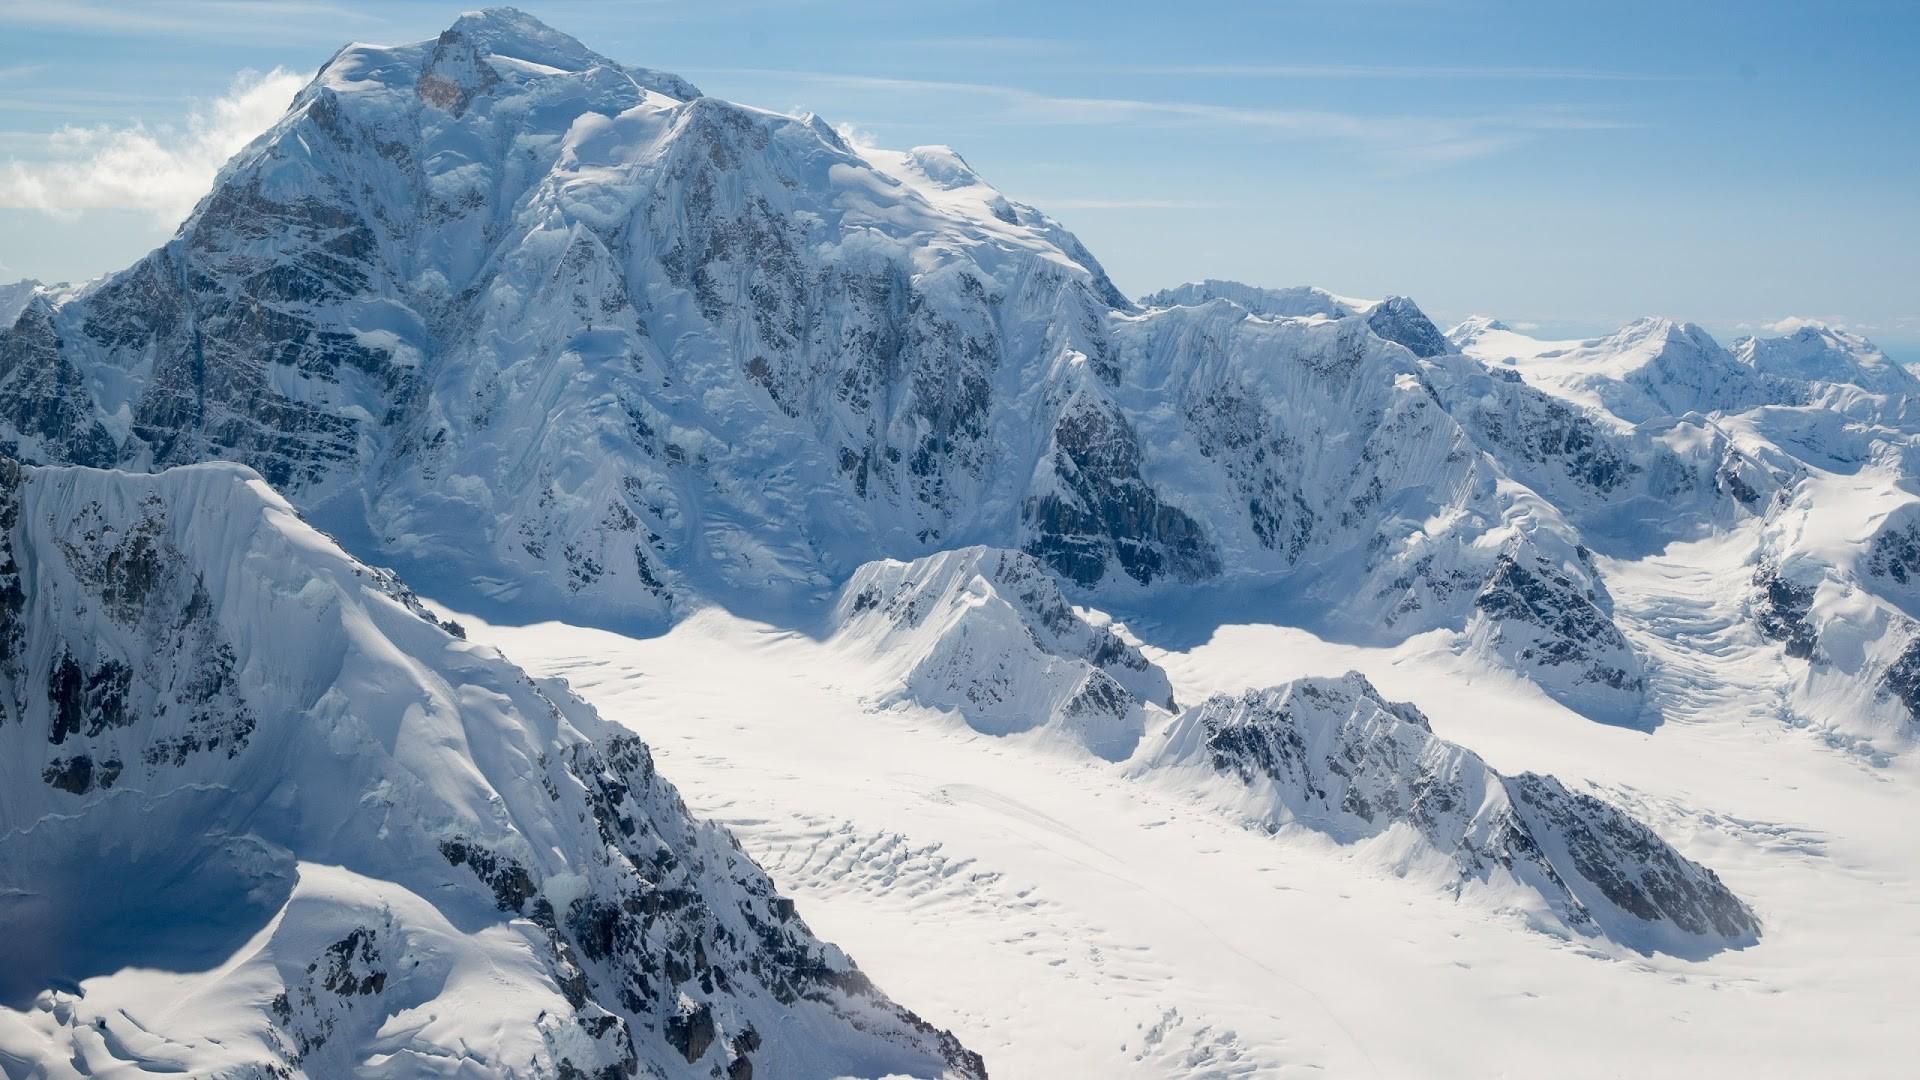 4K HD Wallpaper: Alaska. Landscape. Snow. Mountain Peaks